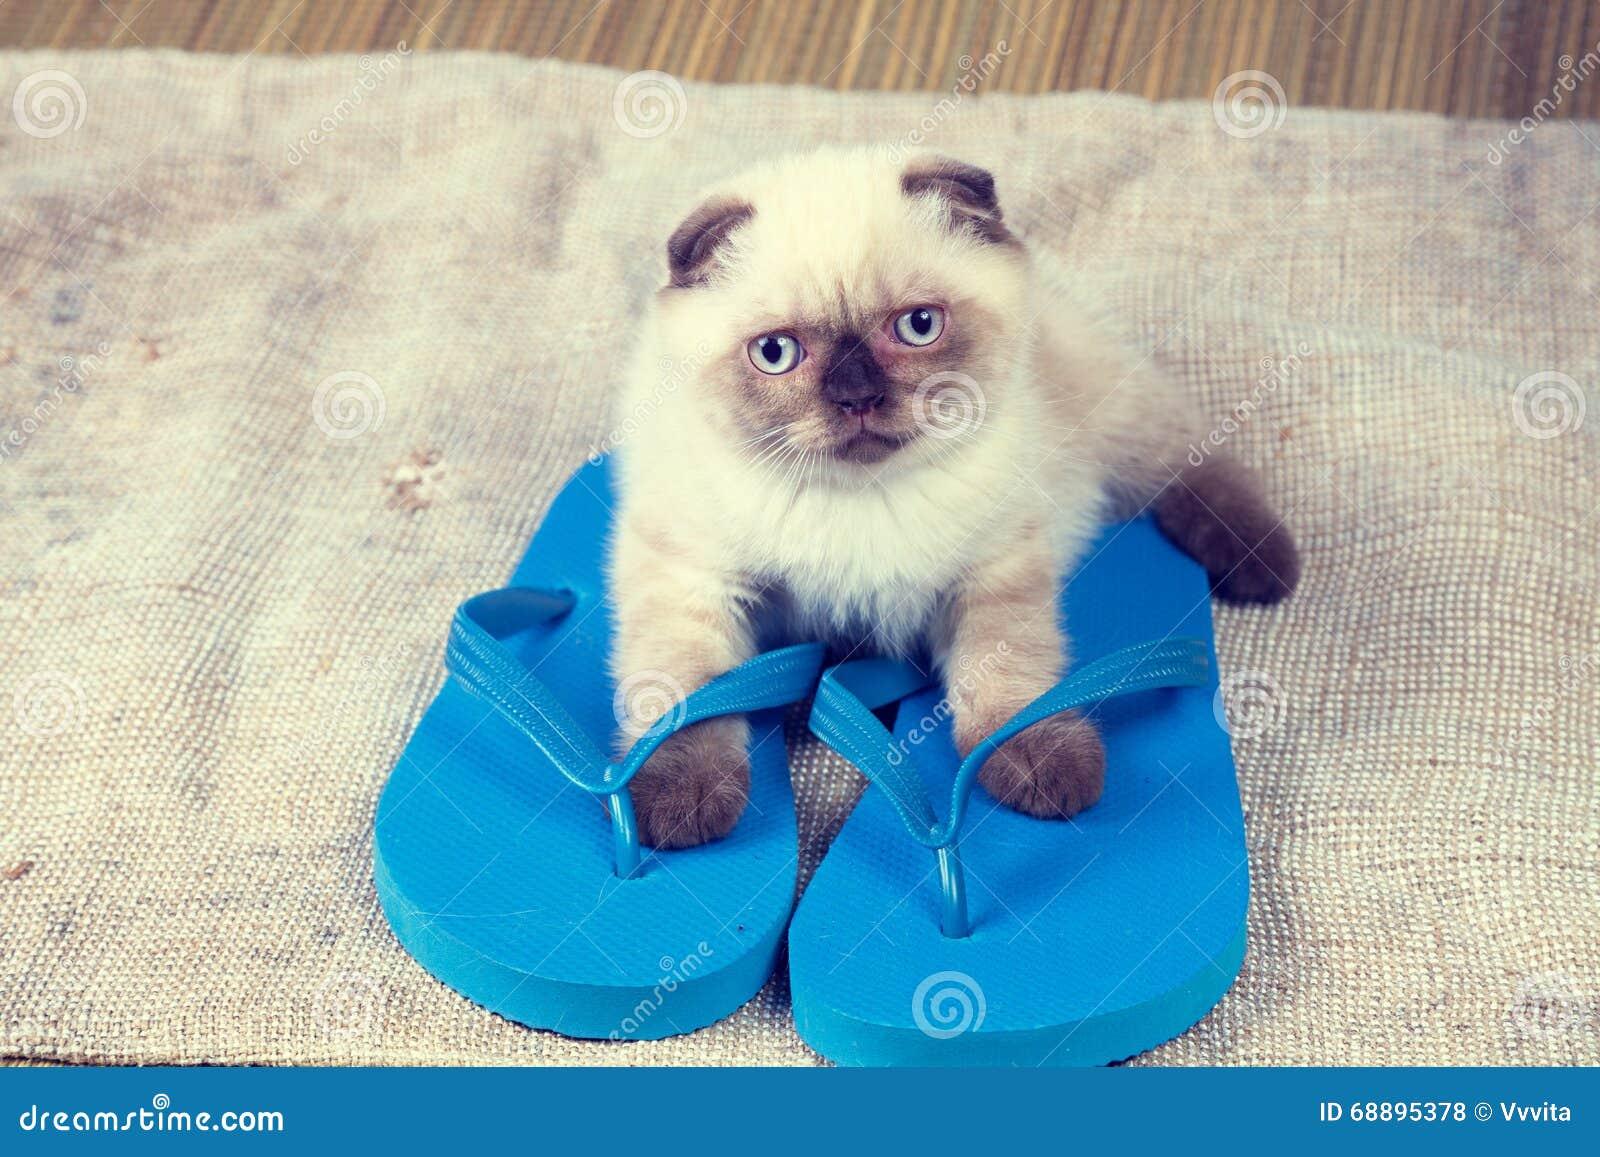 Kitten wearing flip flops sandals